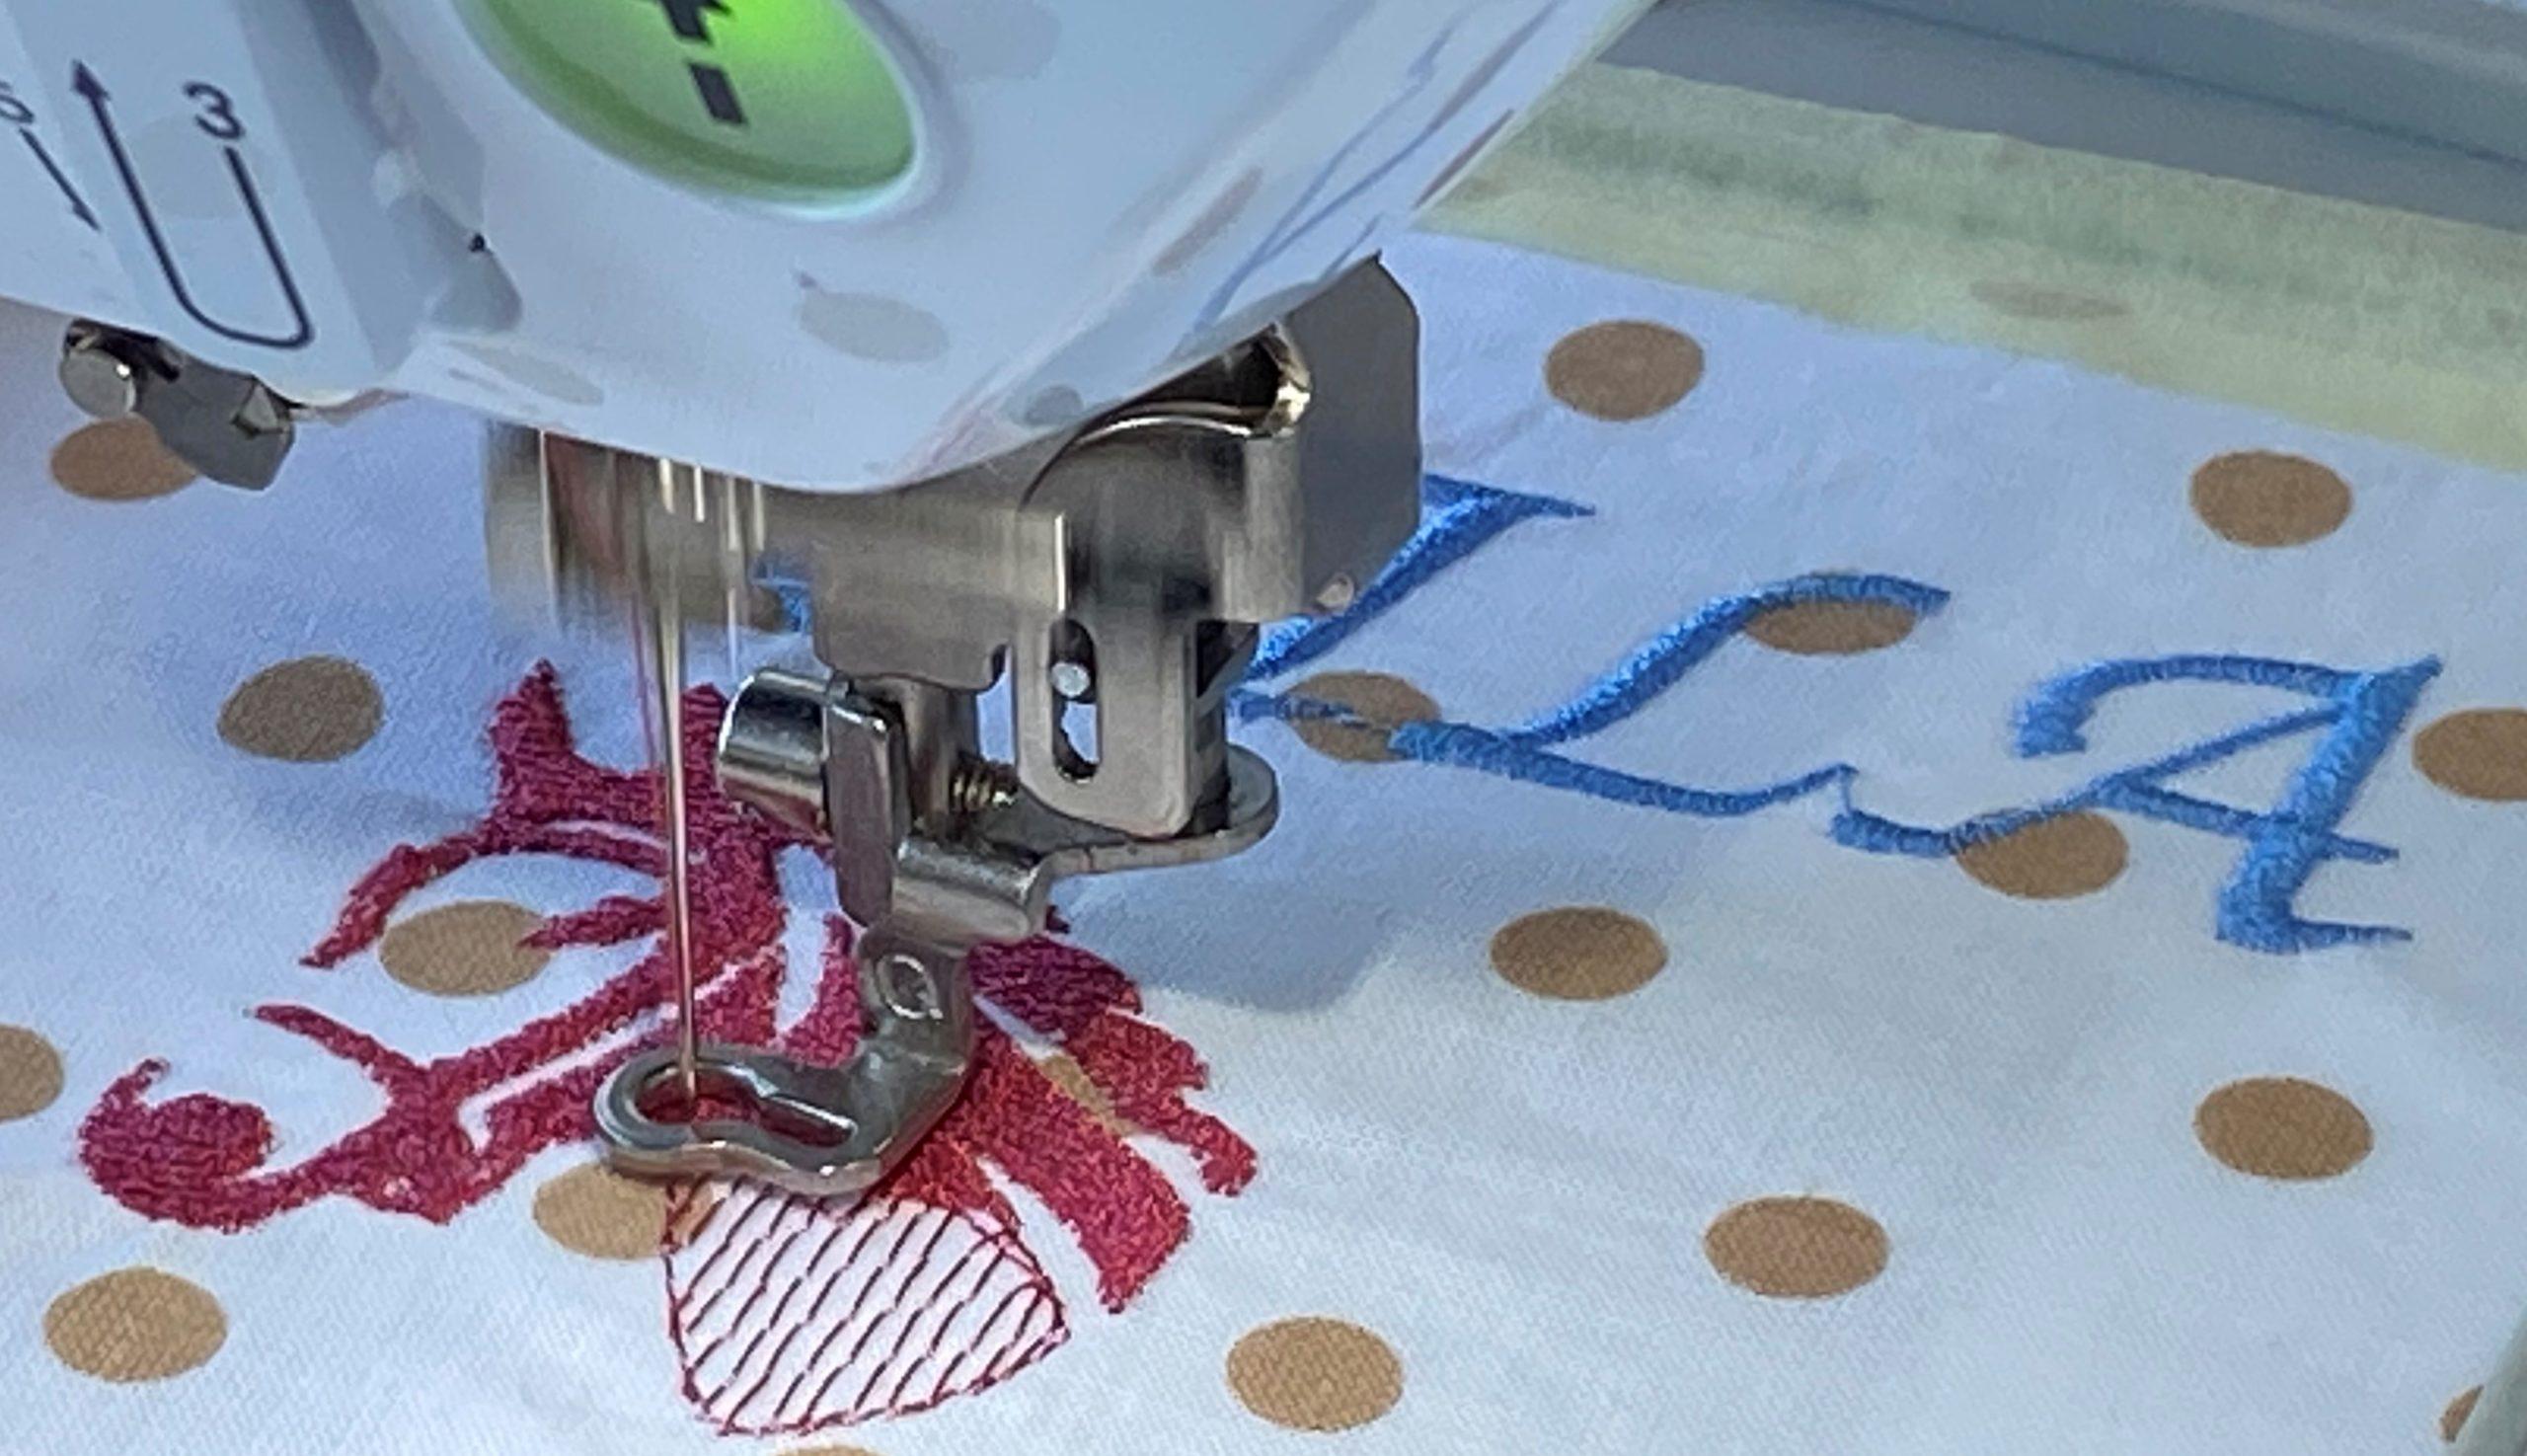 Nähen und Sticken – wir testen die Möglichkeiten der neuen Stickmaschine